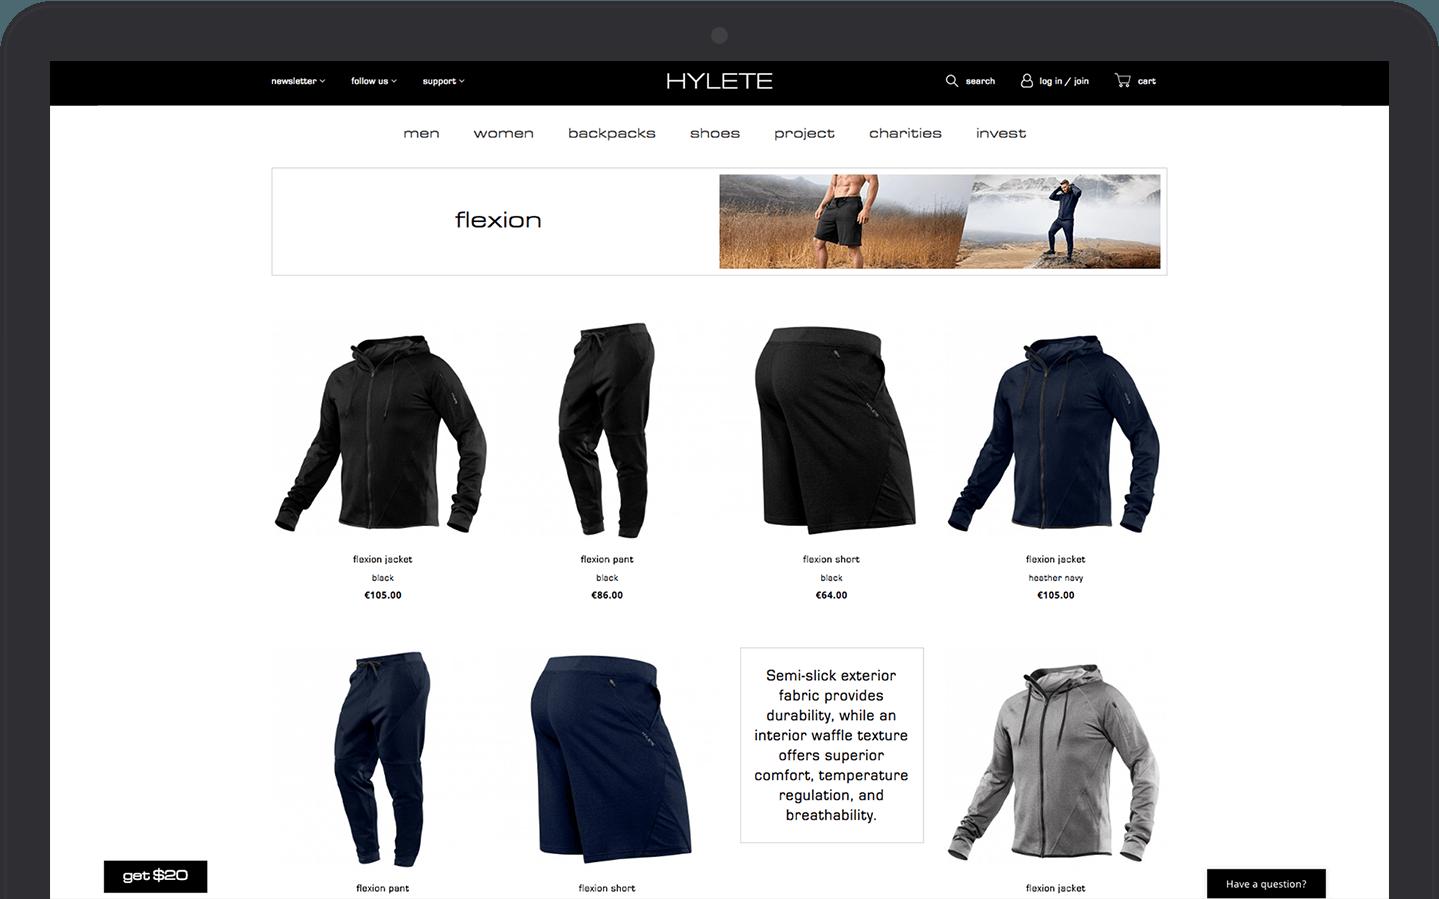 HYLETE eCommerce site